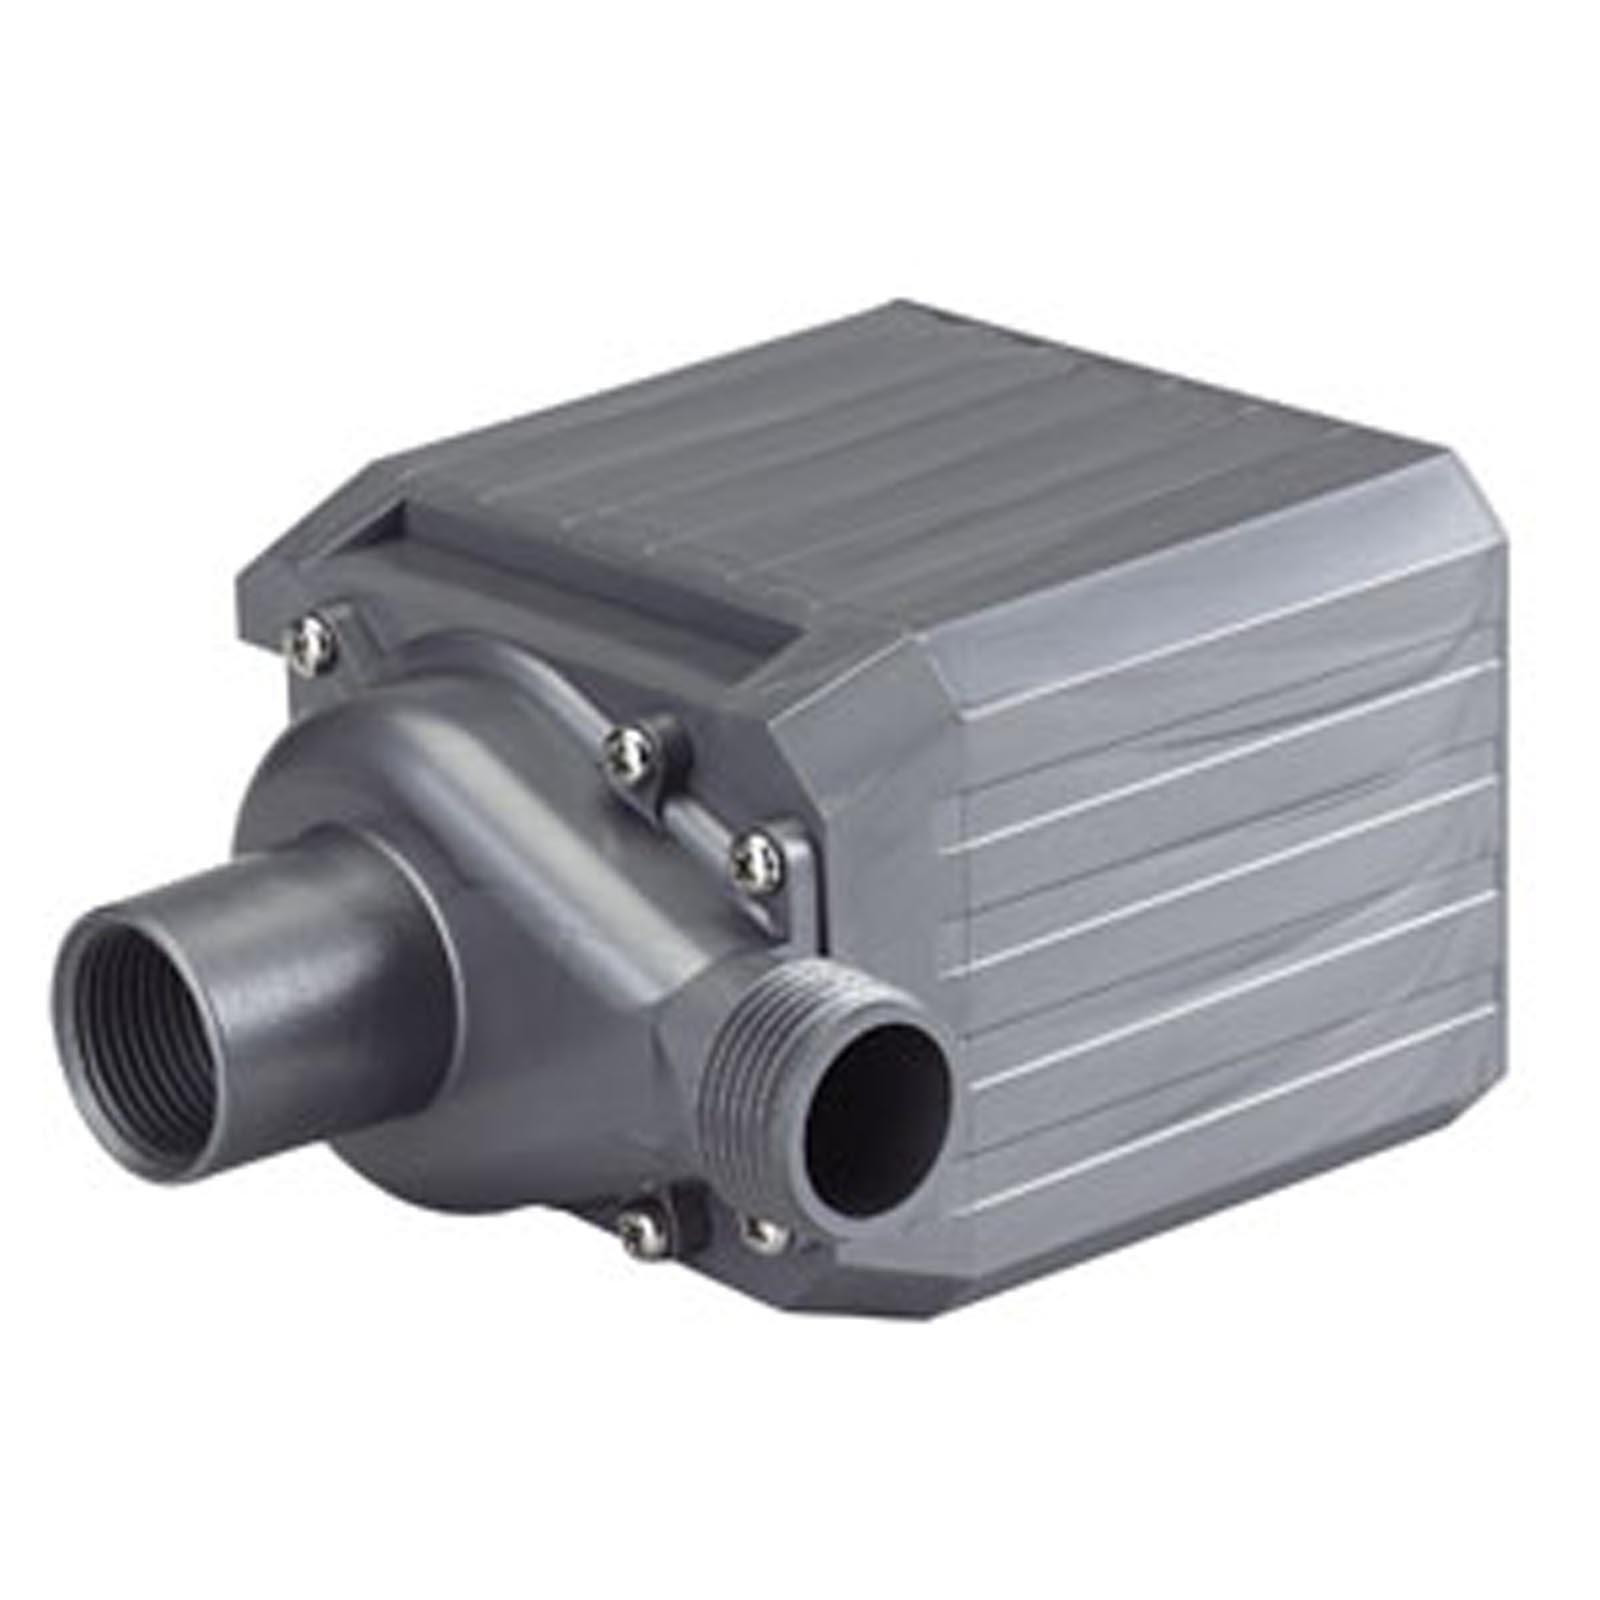 Danner Mag-Drive Supreme 24 2400 GPH Pump